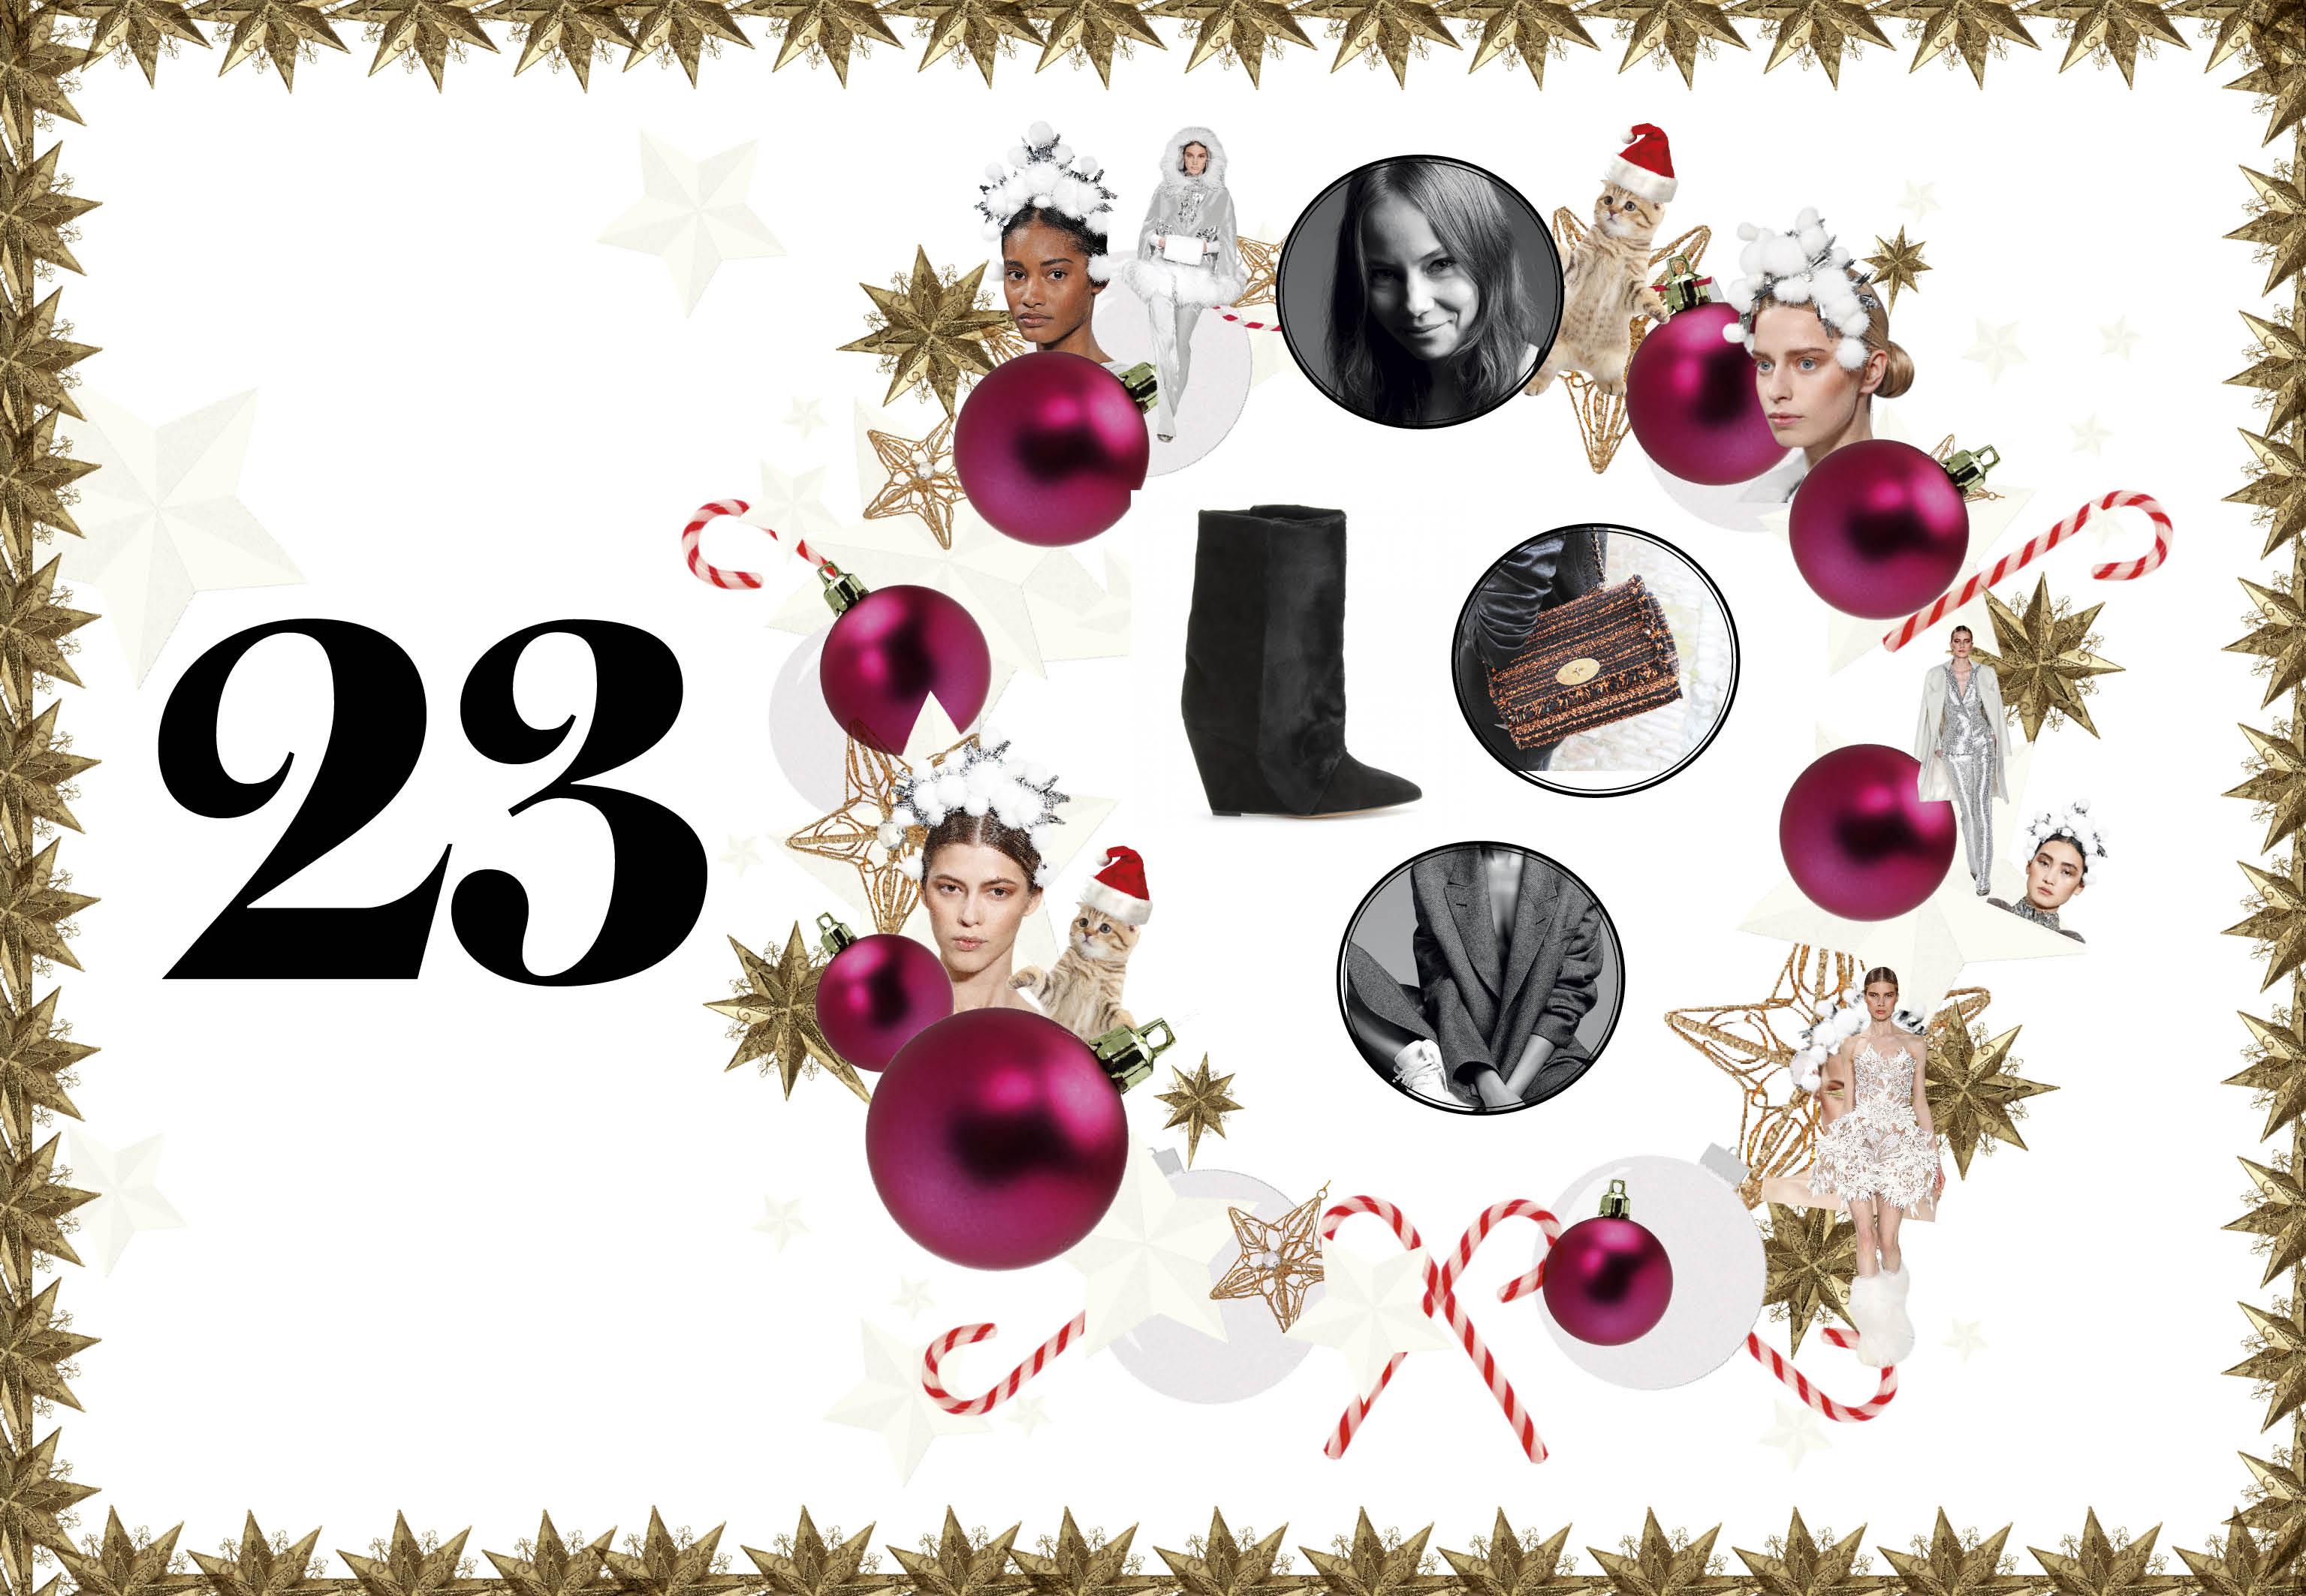 23_joulukalenteri_luukkut_loput16.jpg